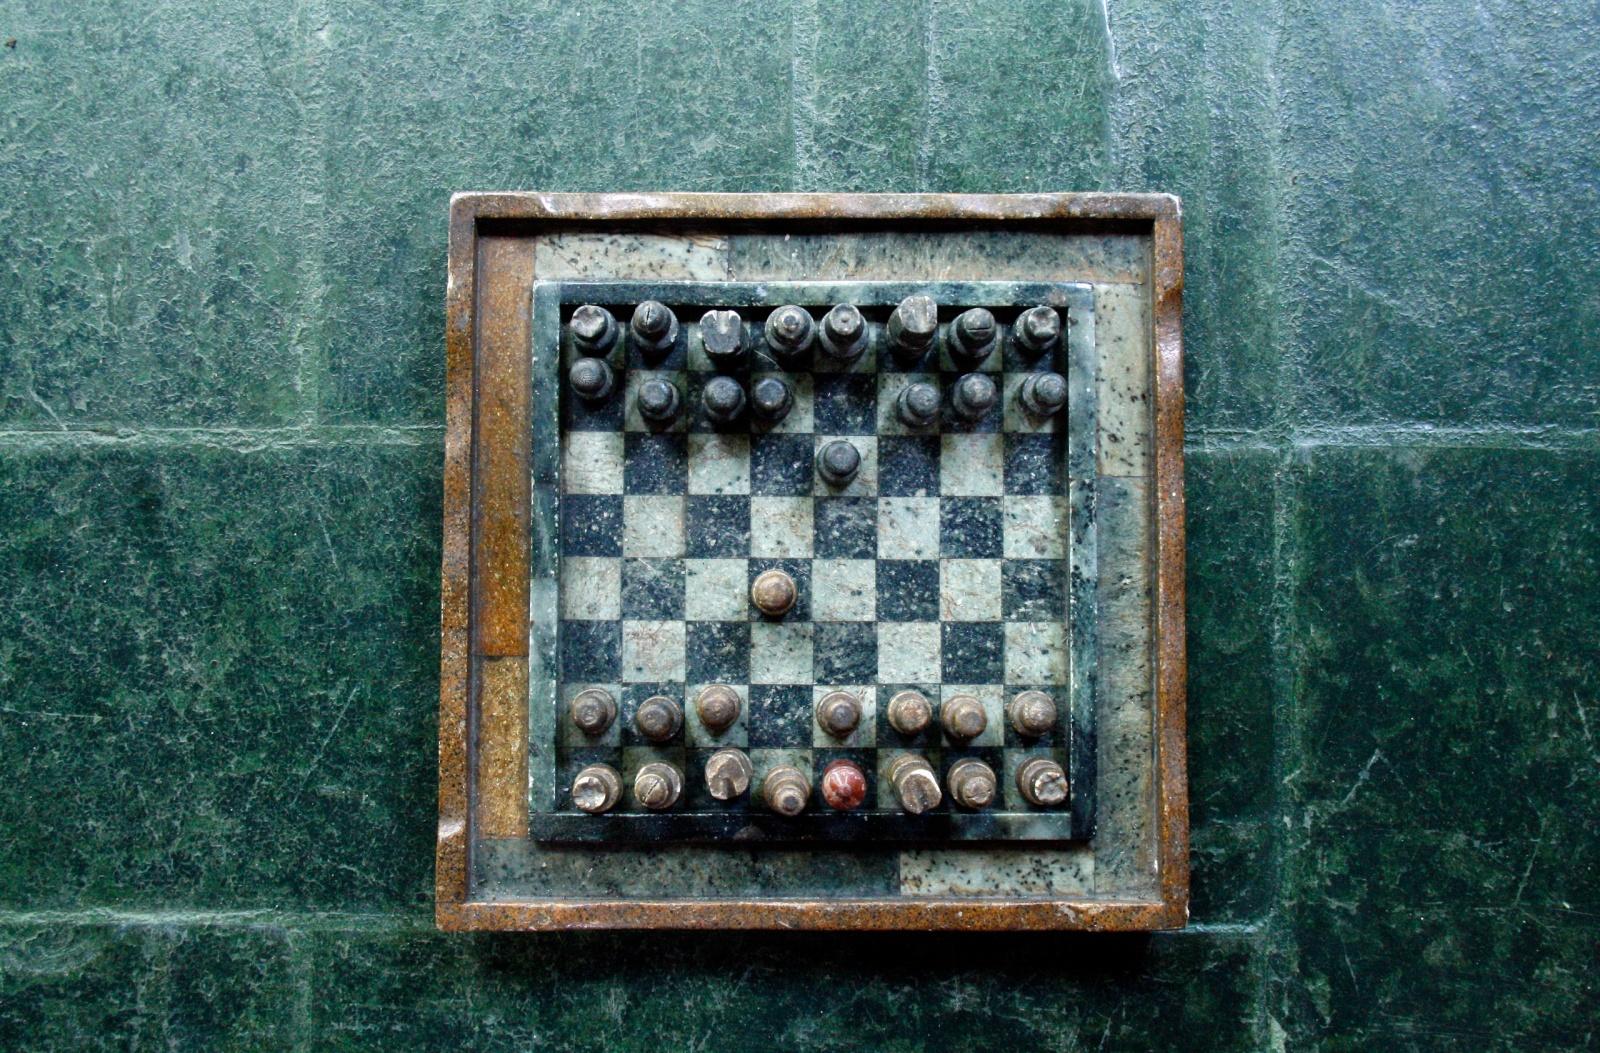 Создаем несложный шахматный ИИ: 5 простых этапов - 1